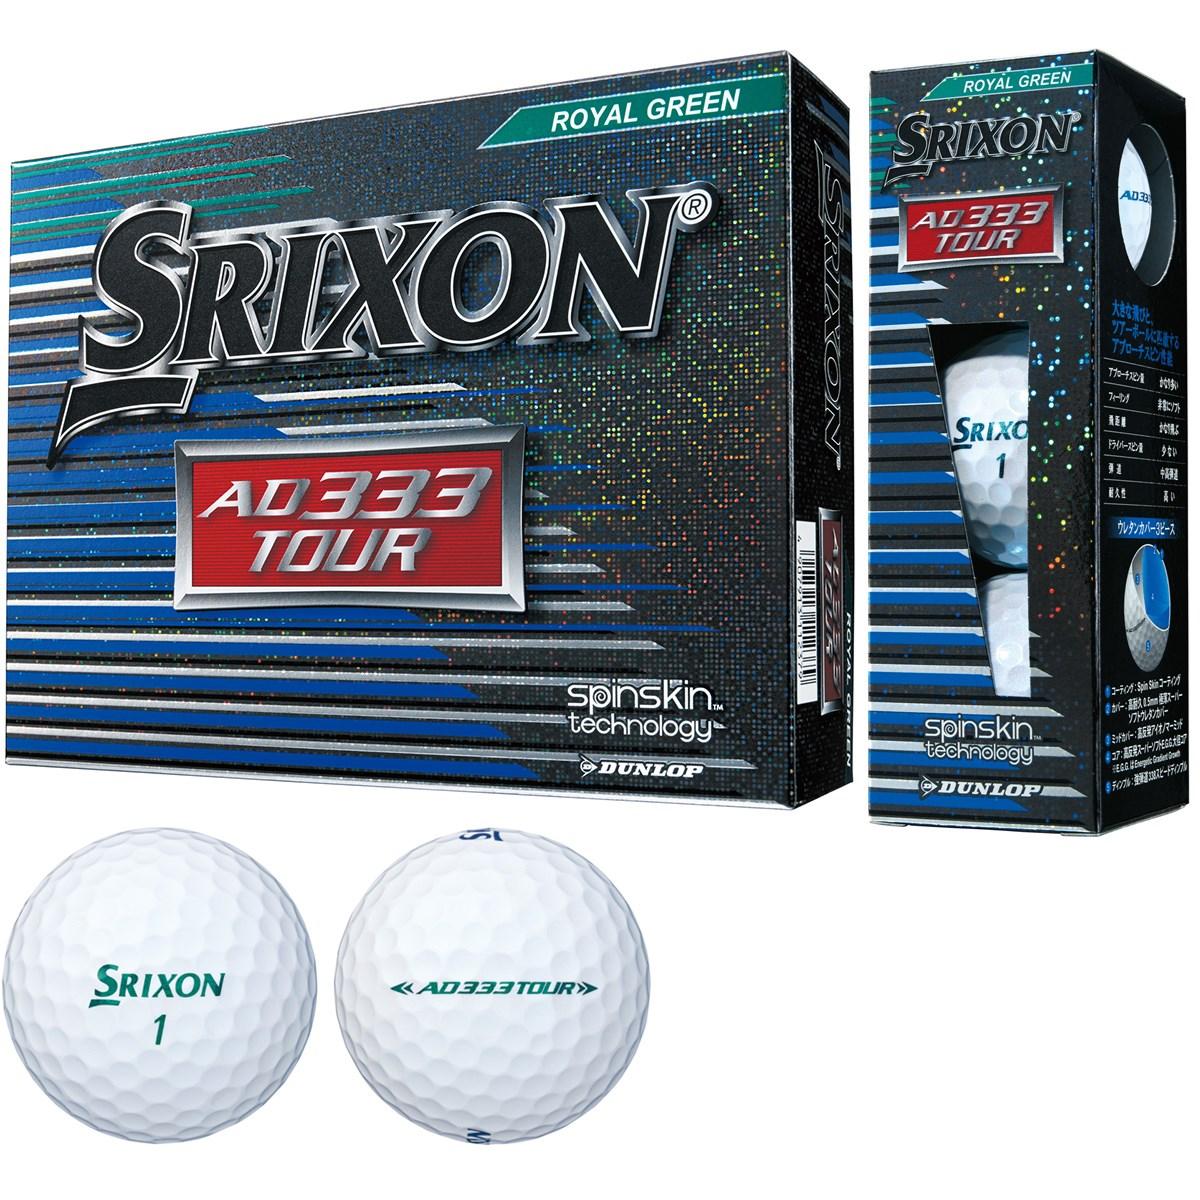 ダンロップ SRIXON スリクソン AD333 TOUR ボール 1ダース(12個入り) ロイヤルグリーン